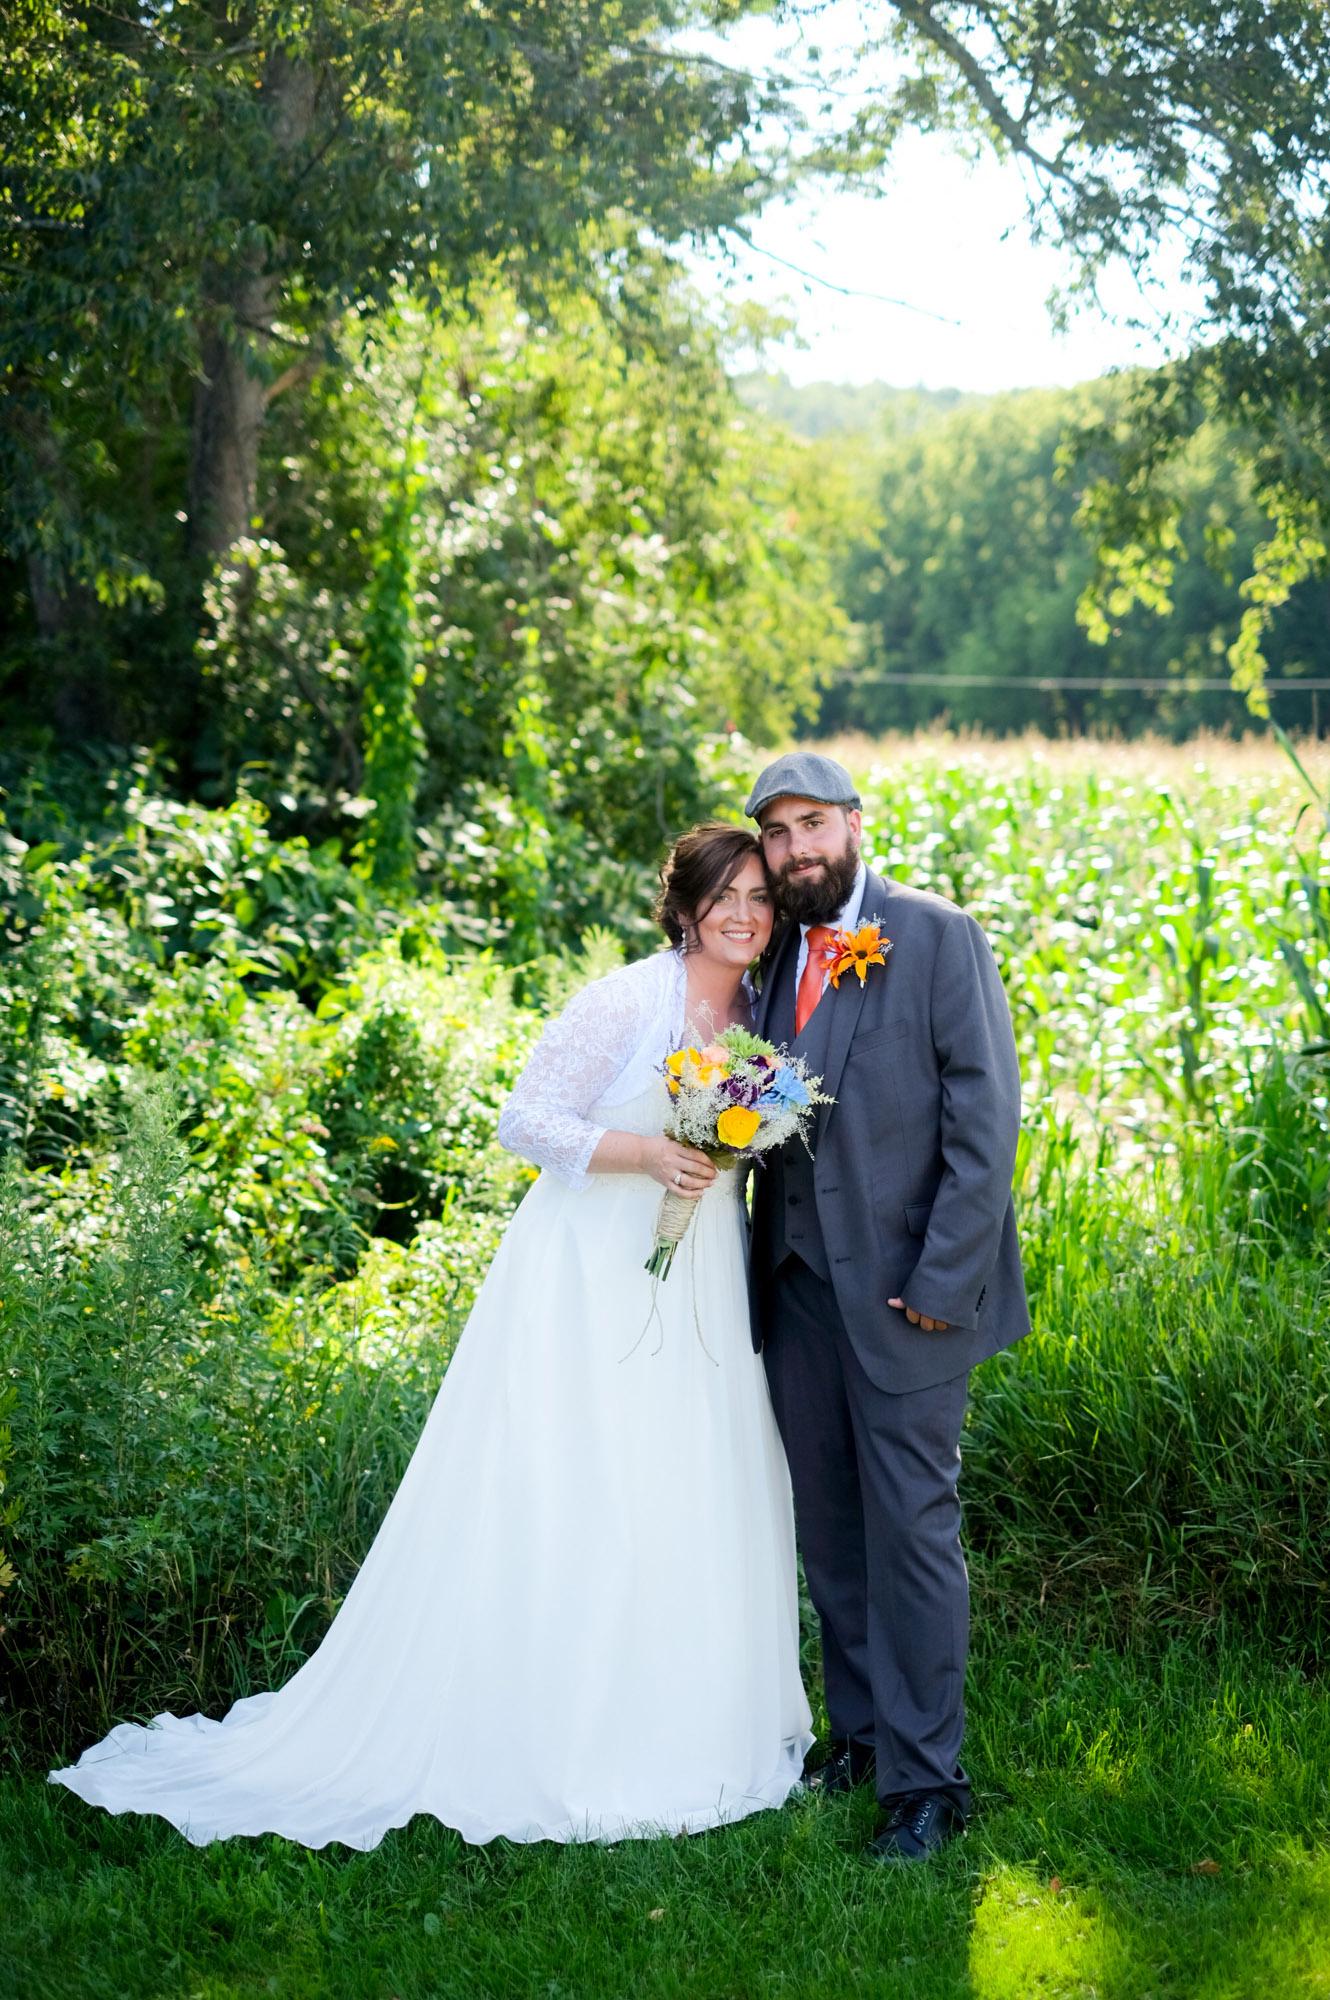 Shawn & Danielle Hot Air Balloon Wedding 06